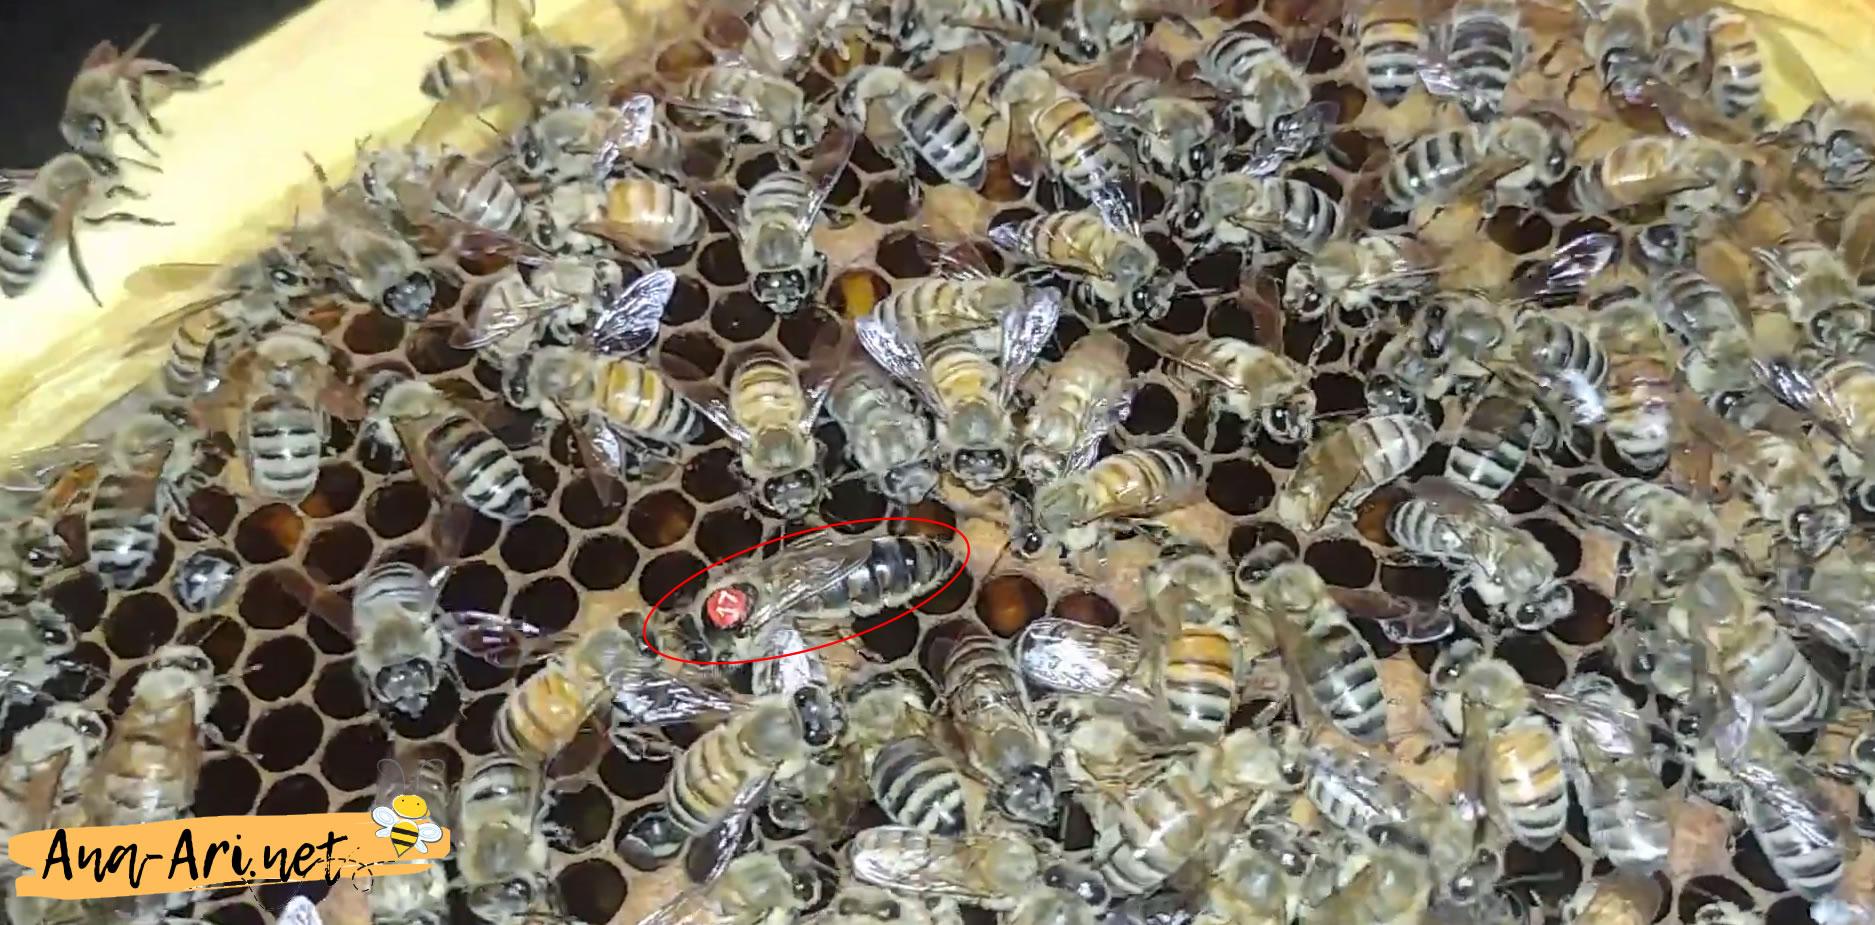 Kafkas Ana Arı özellikleri